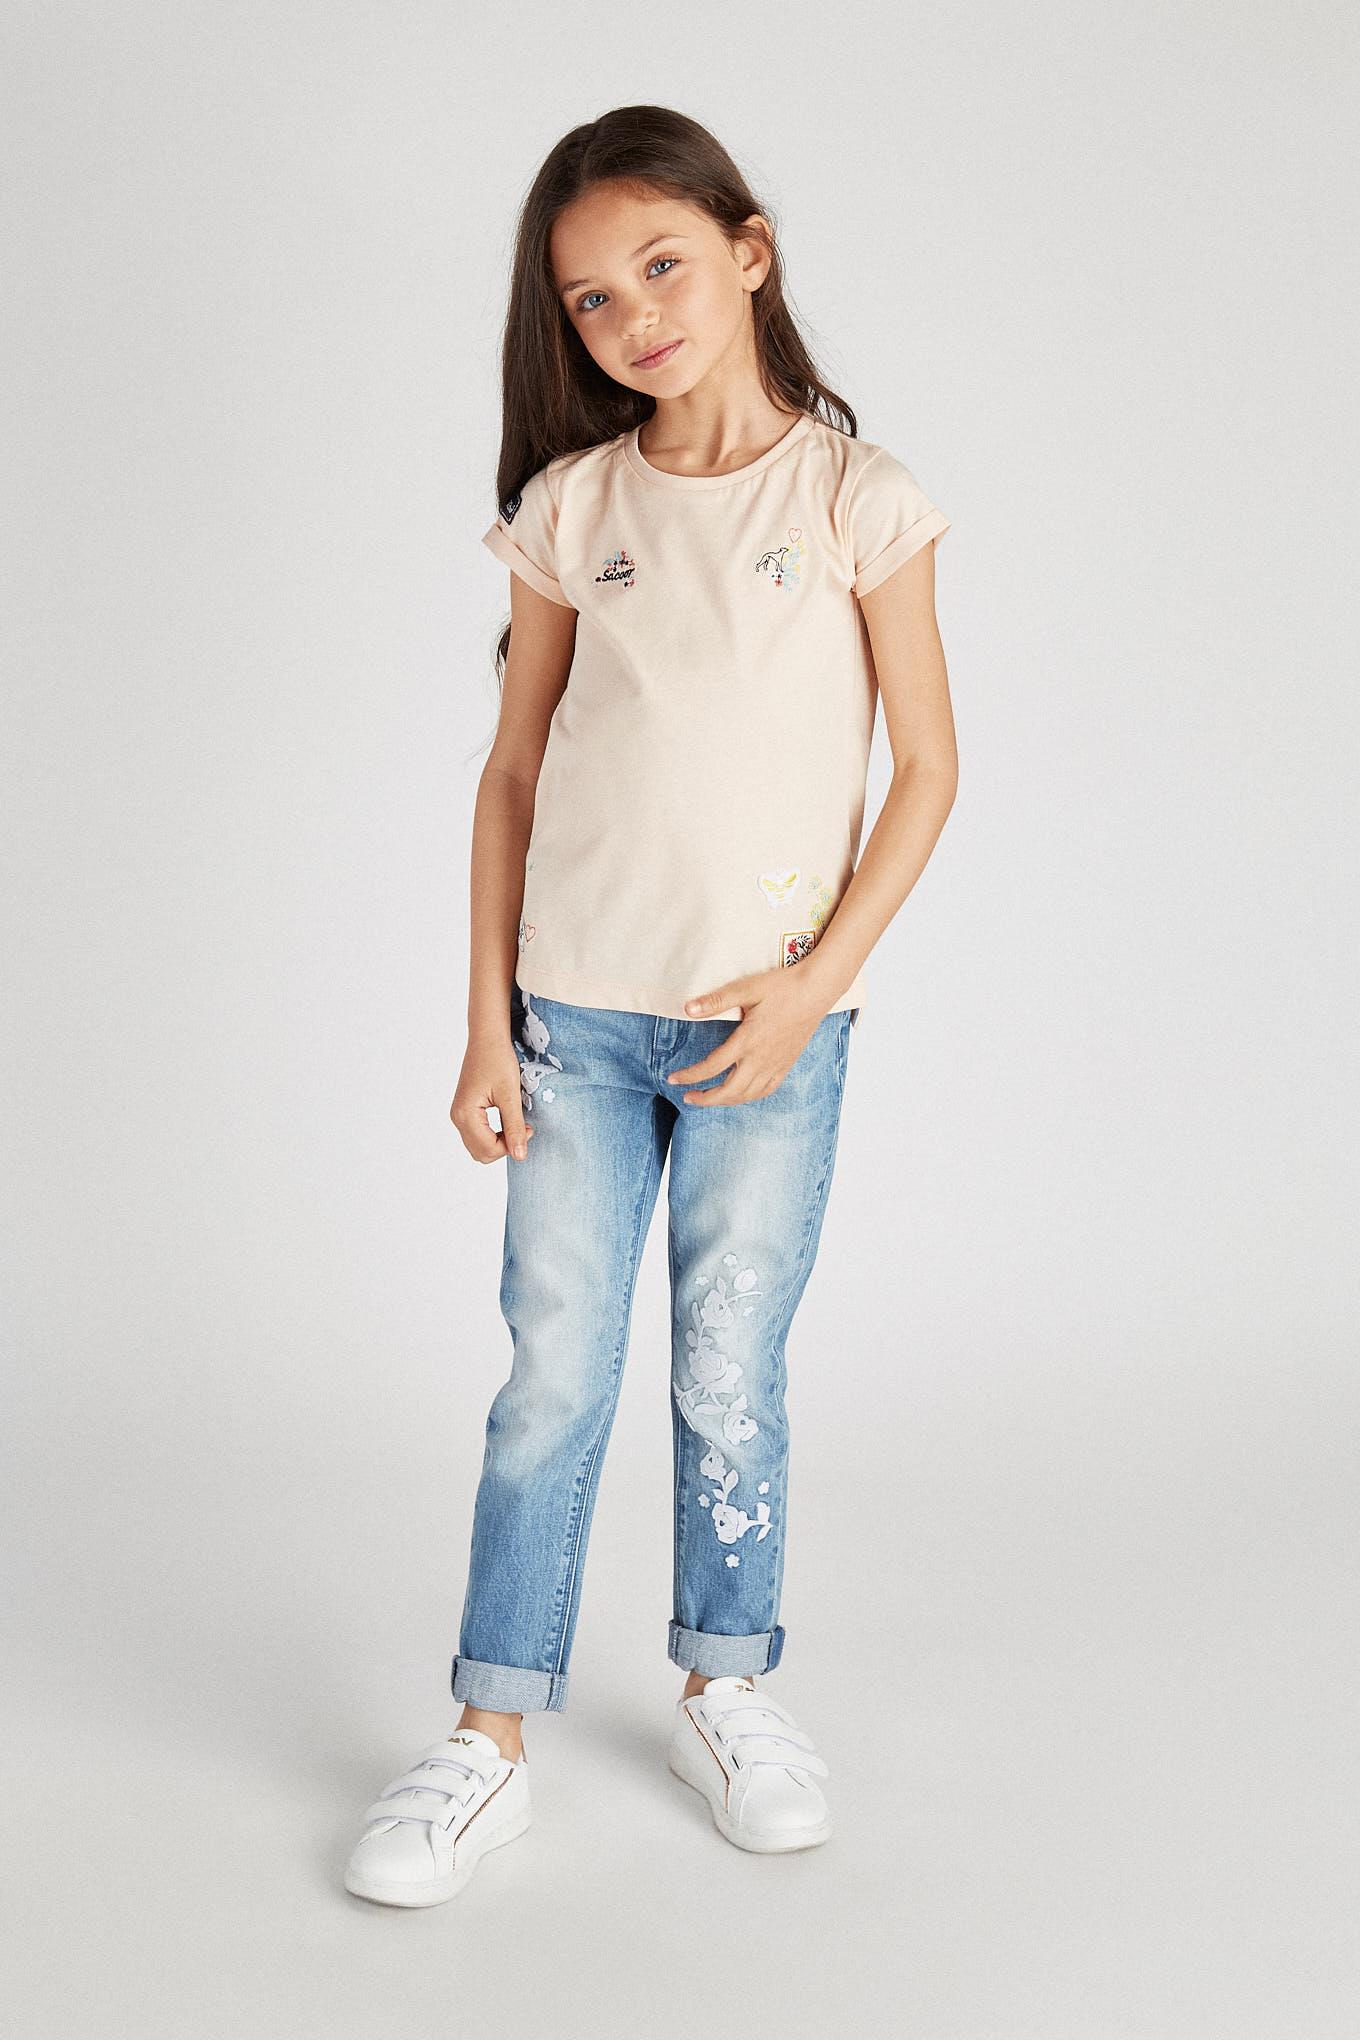 T-Shirt Light Orange Sport Girl